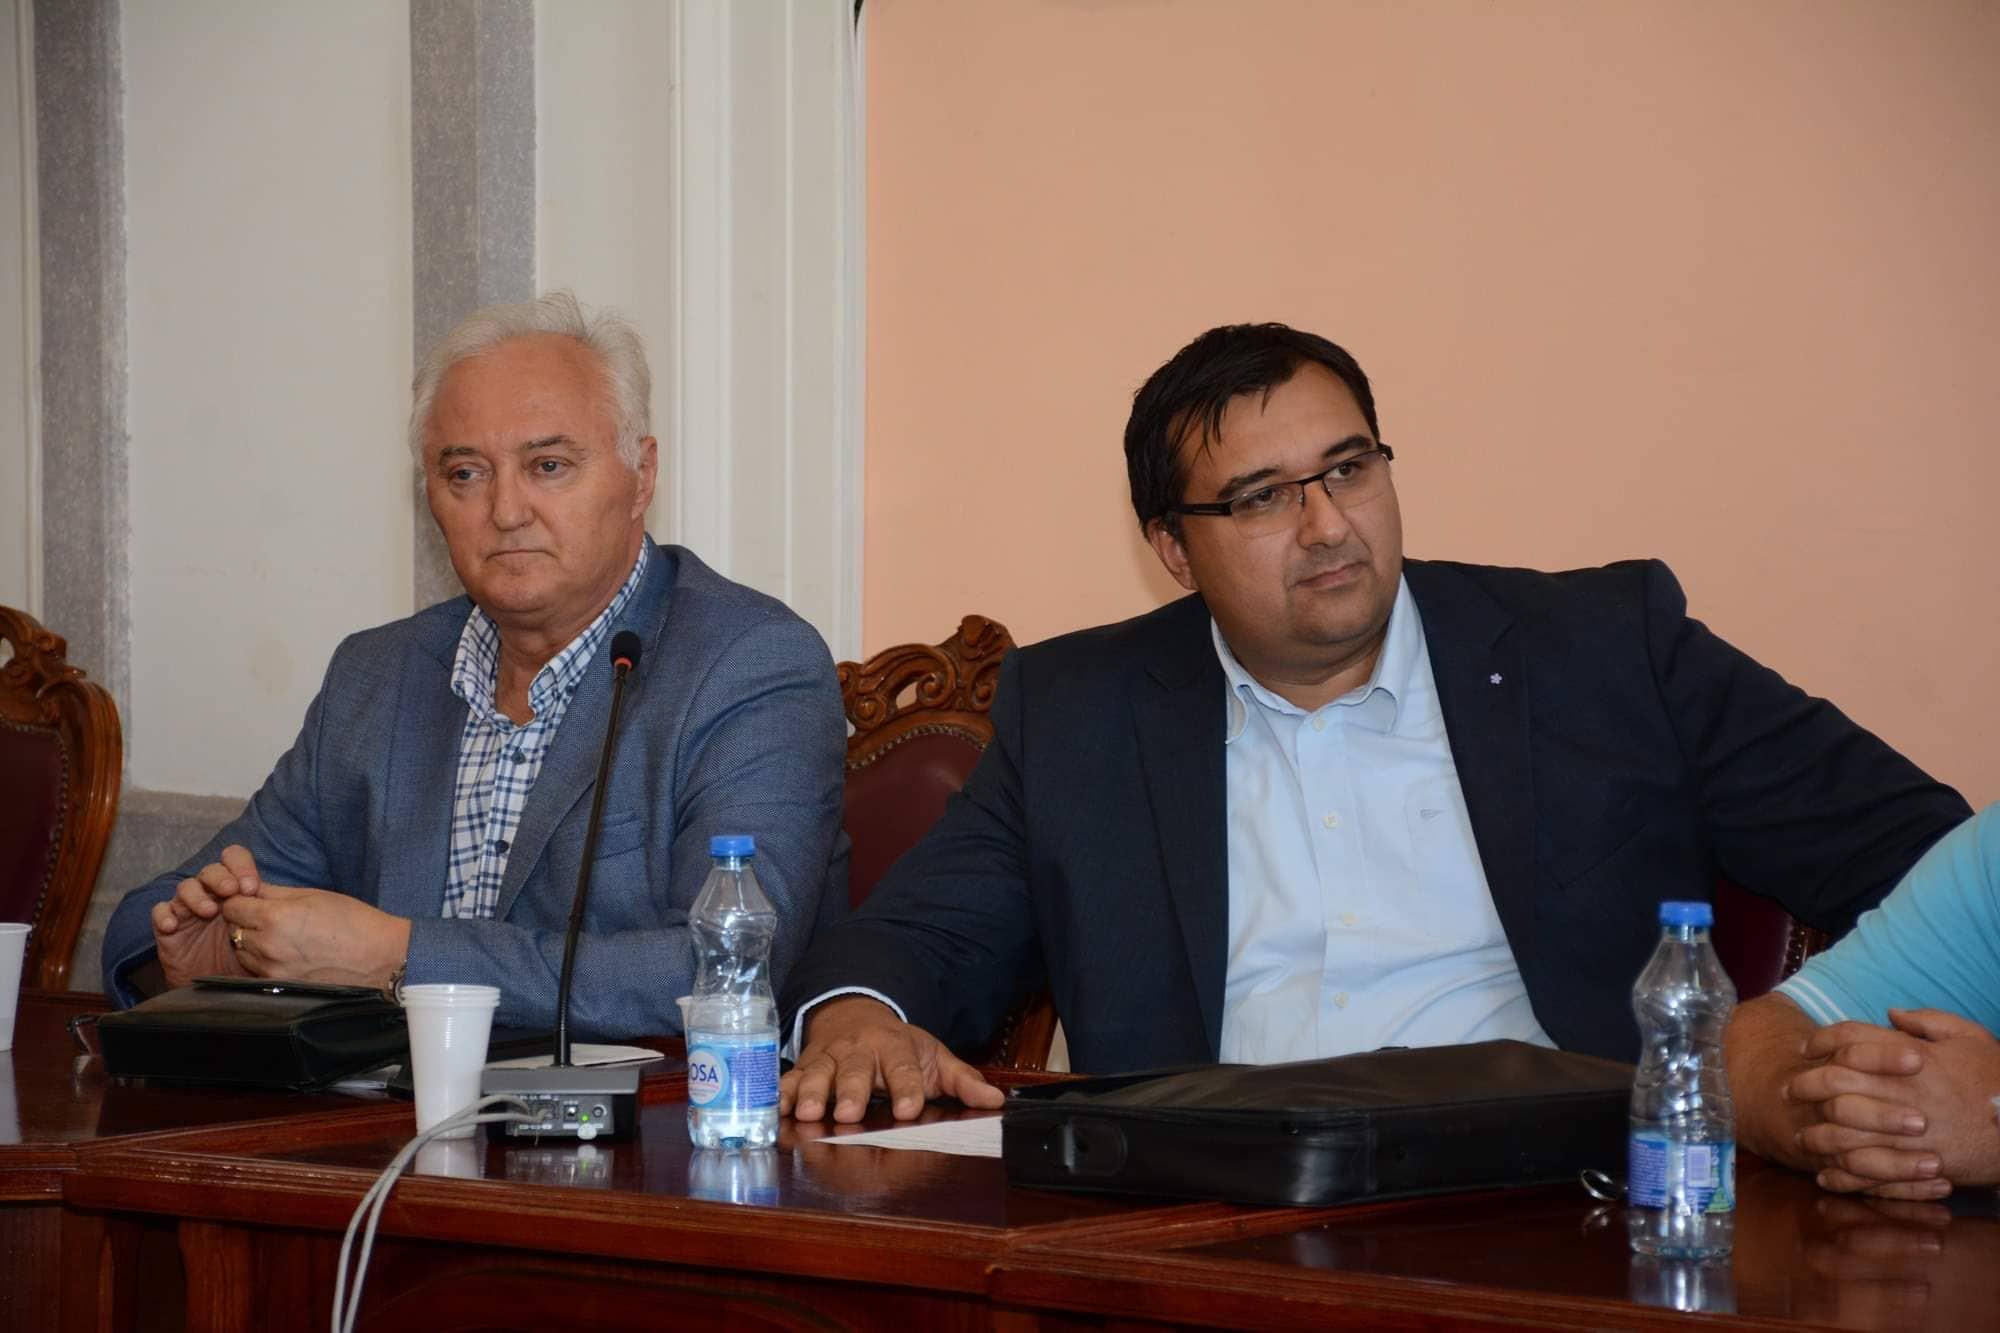 Одржана 4. седница Националног Савета Влаха у Републици Србији